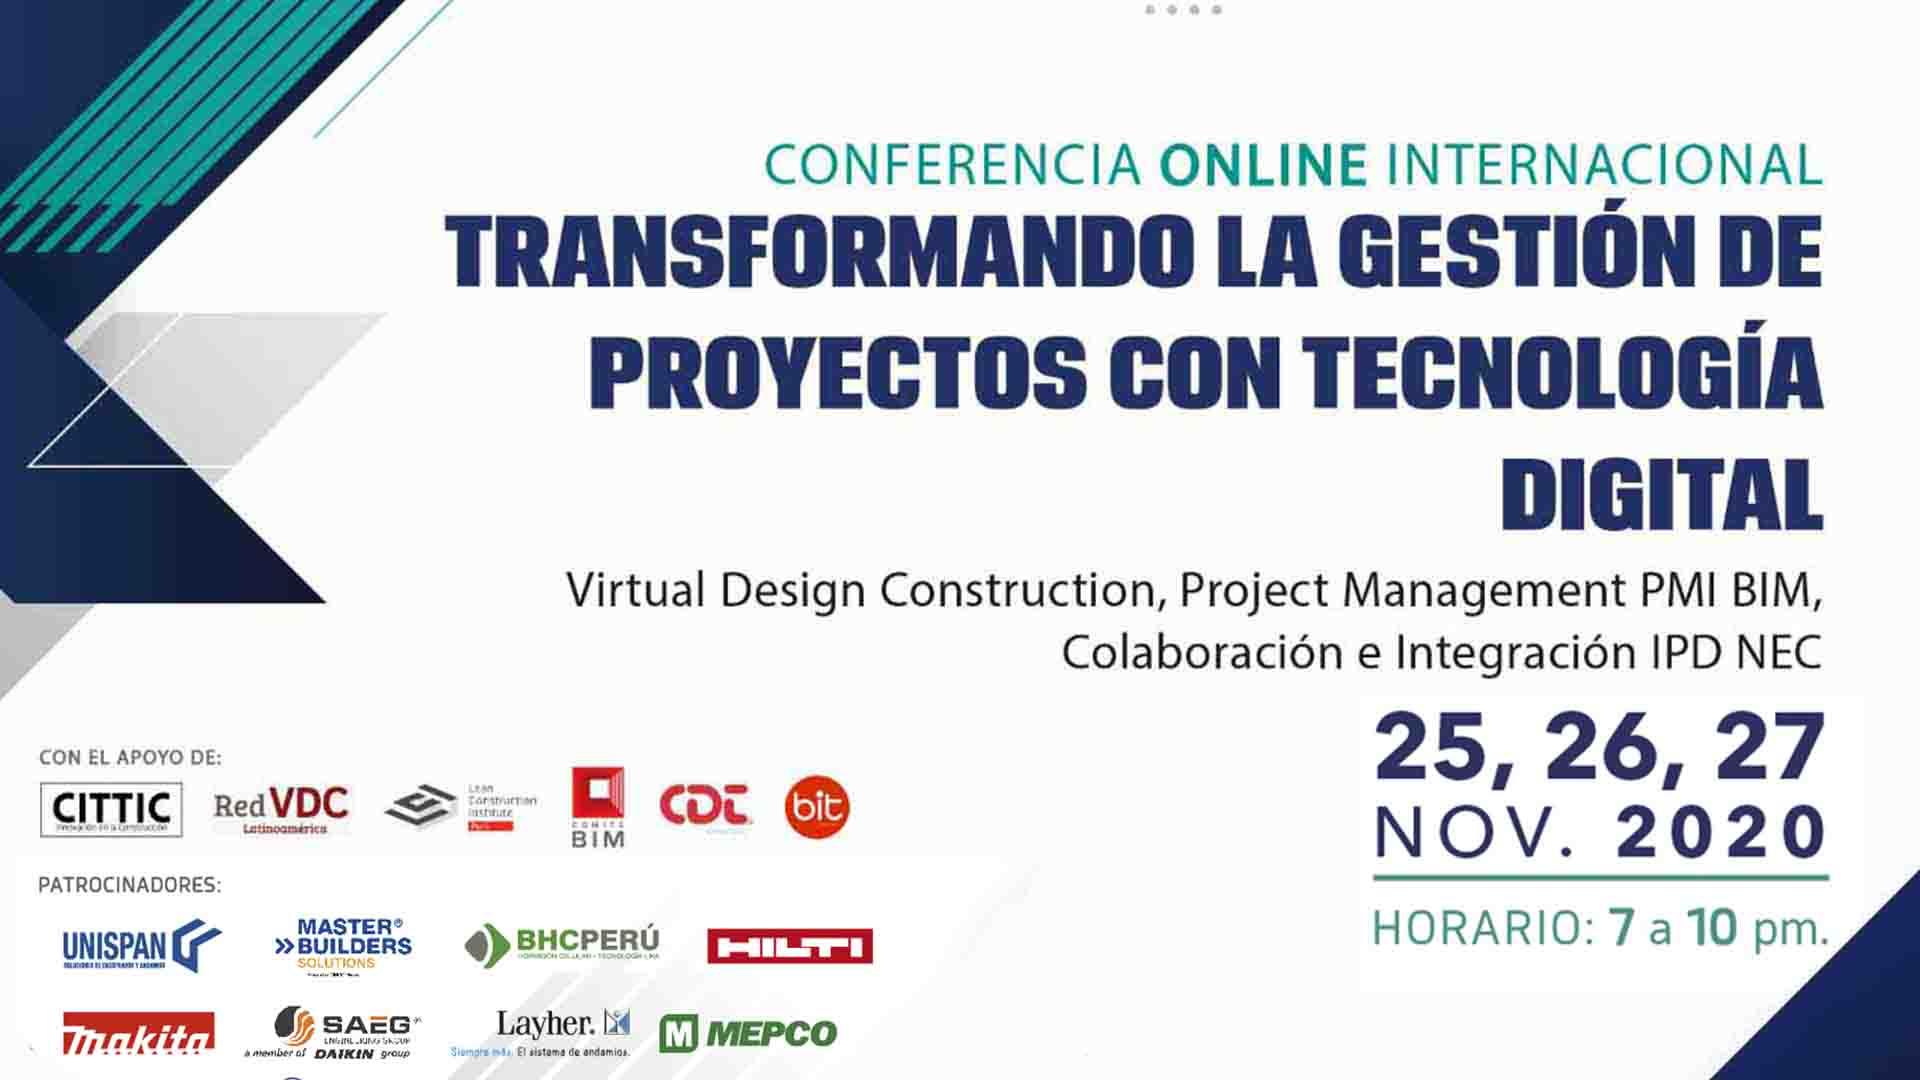 Conferencia Online - Transformado la gestión de proyectos con tecnología digital